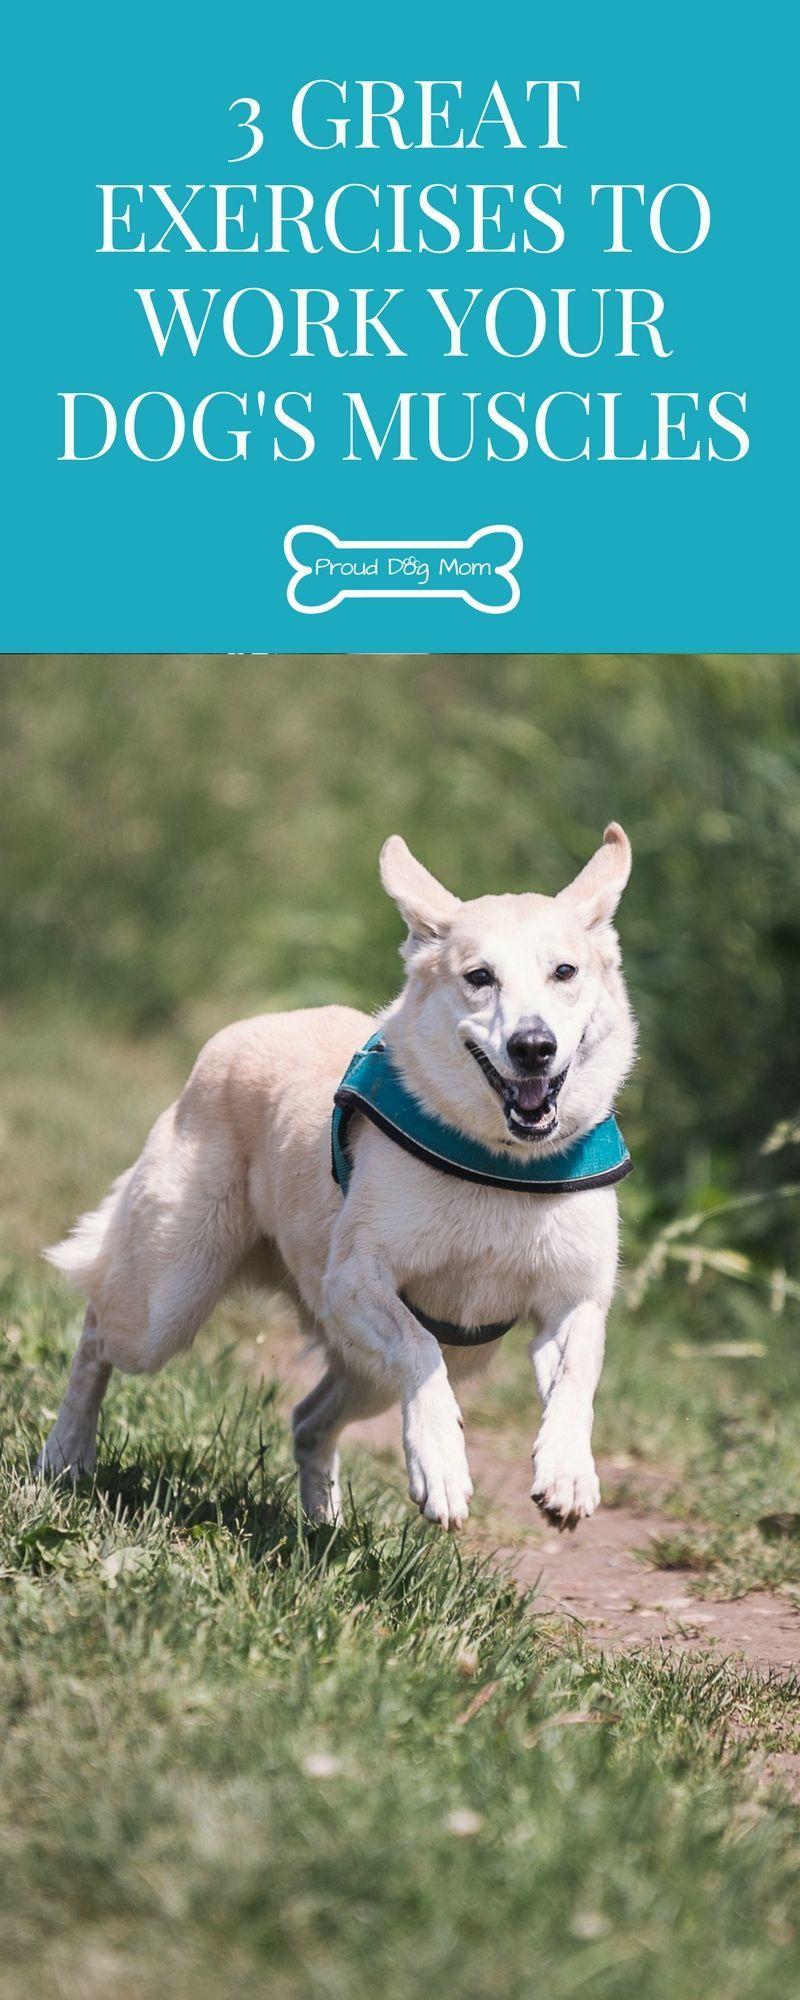 Dog Training Business Dogtrainingbusiness Dogs Dog Mom Dog